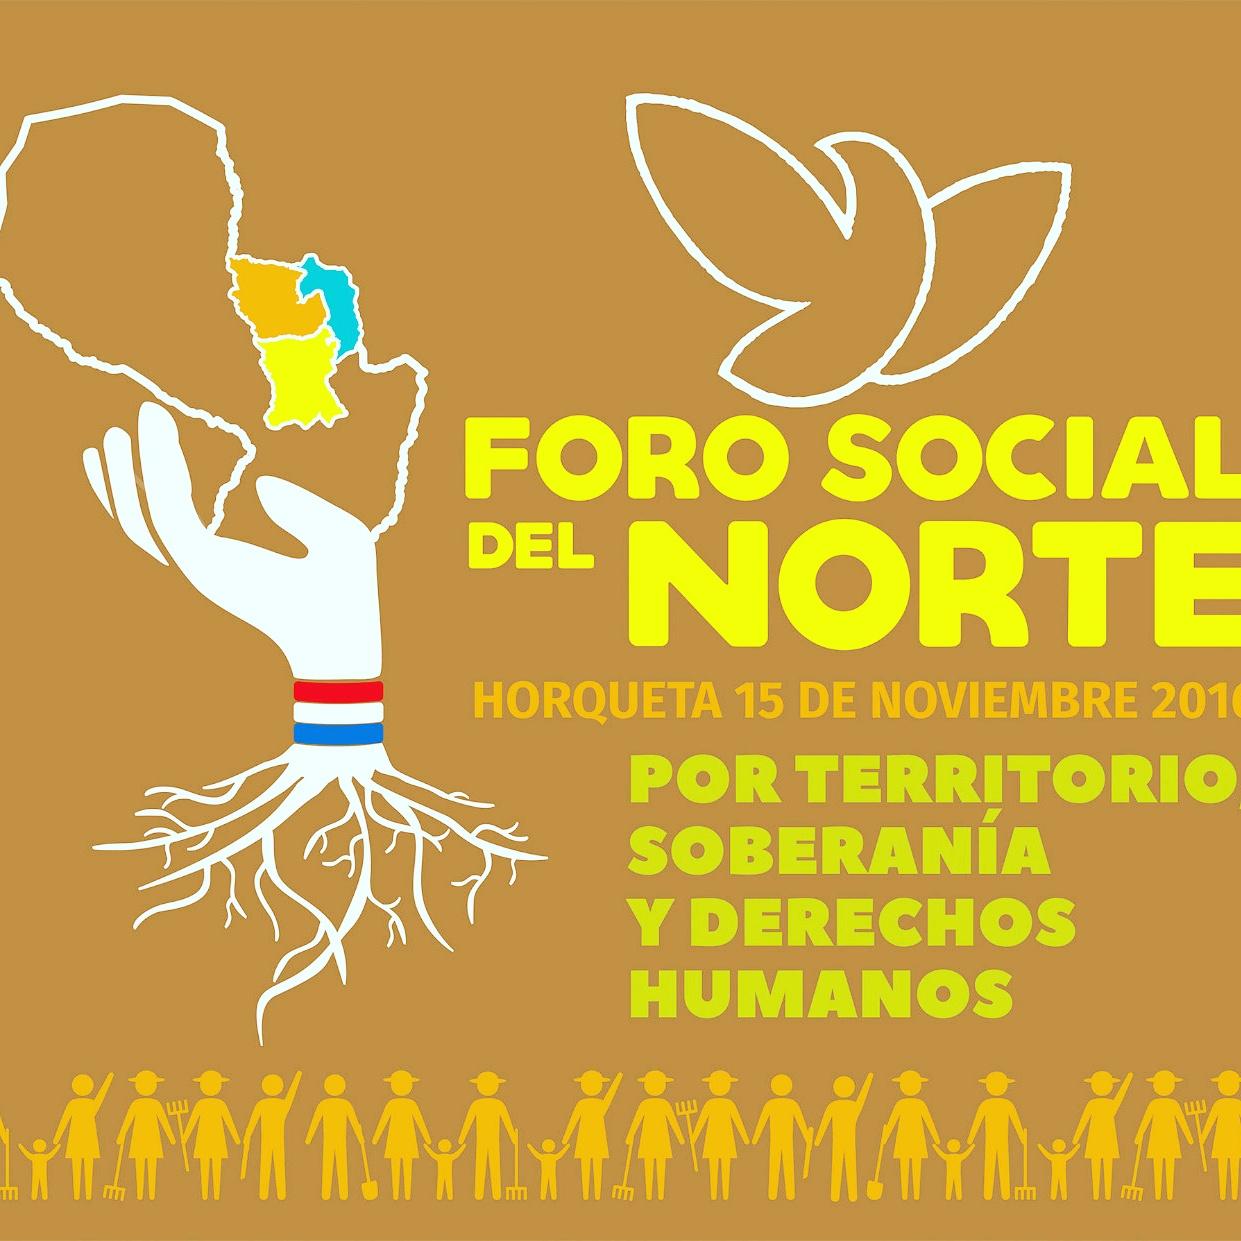 FORO SOCIAL DEL NORTE